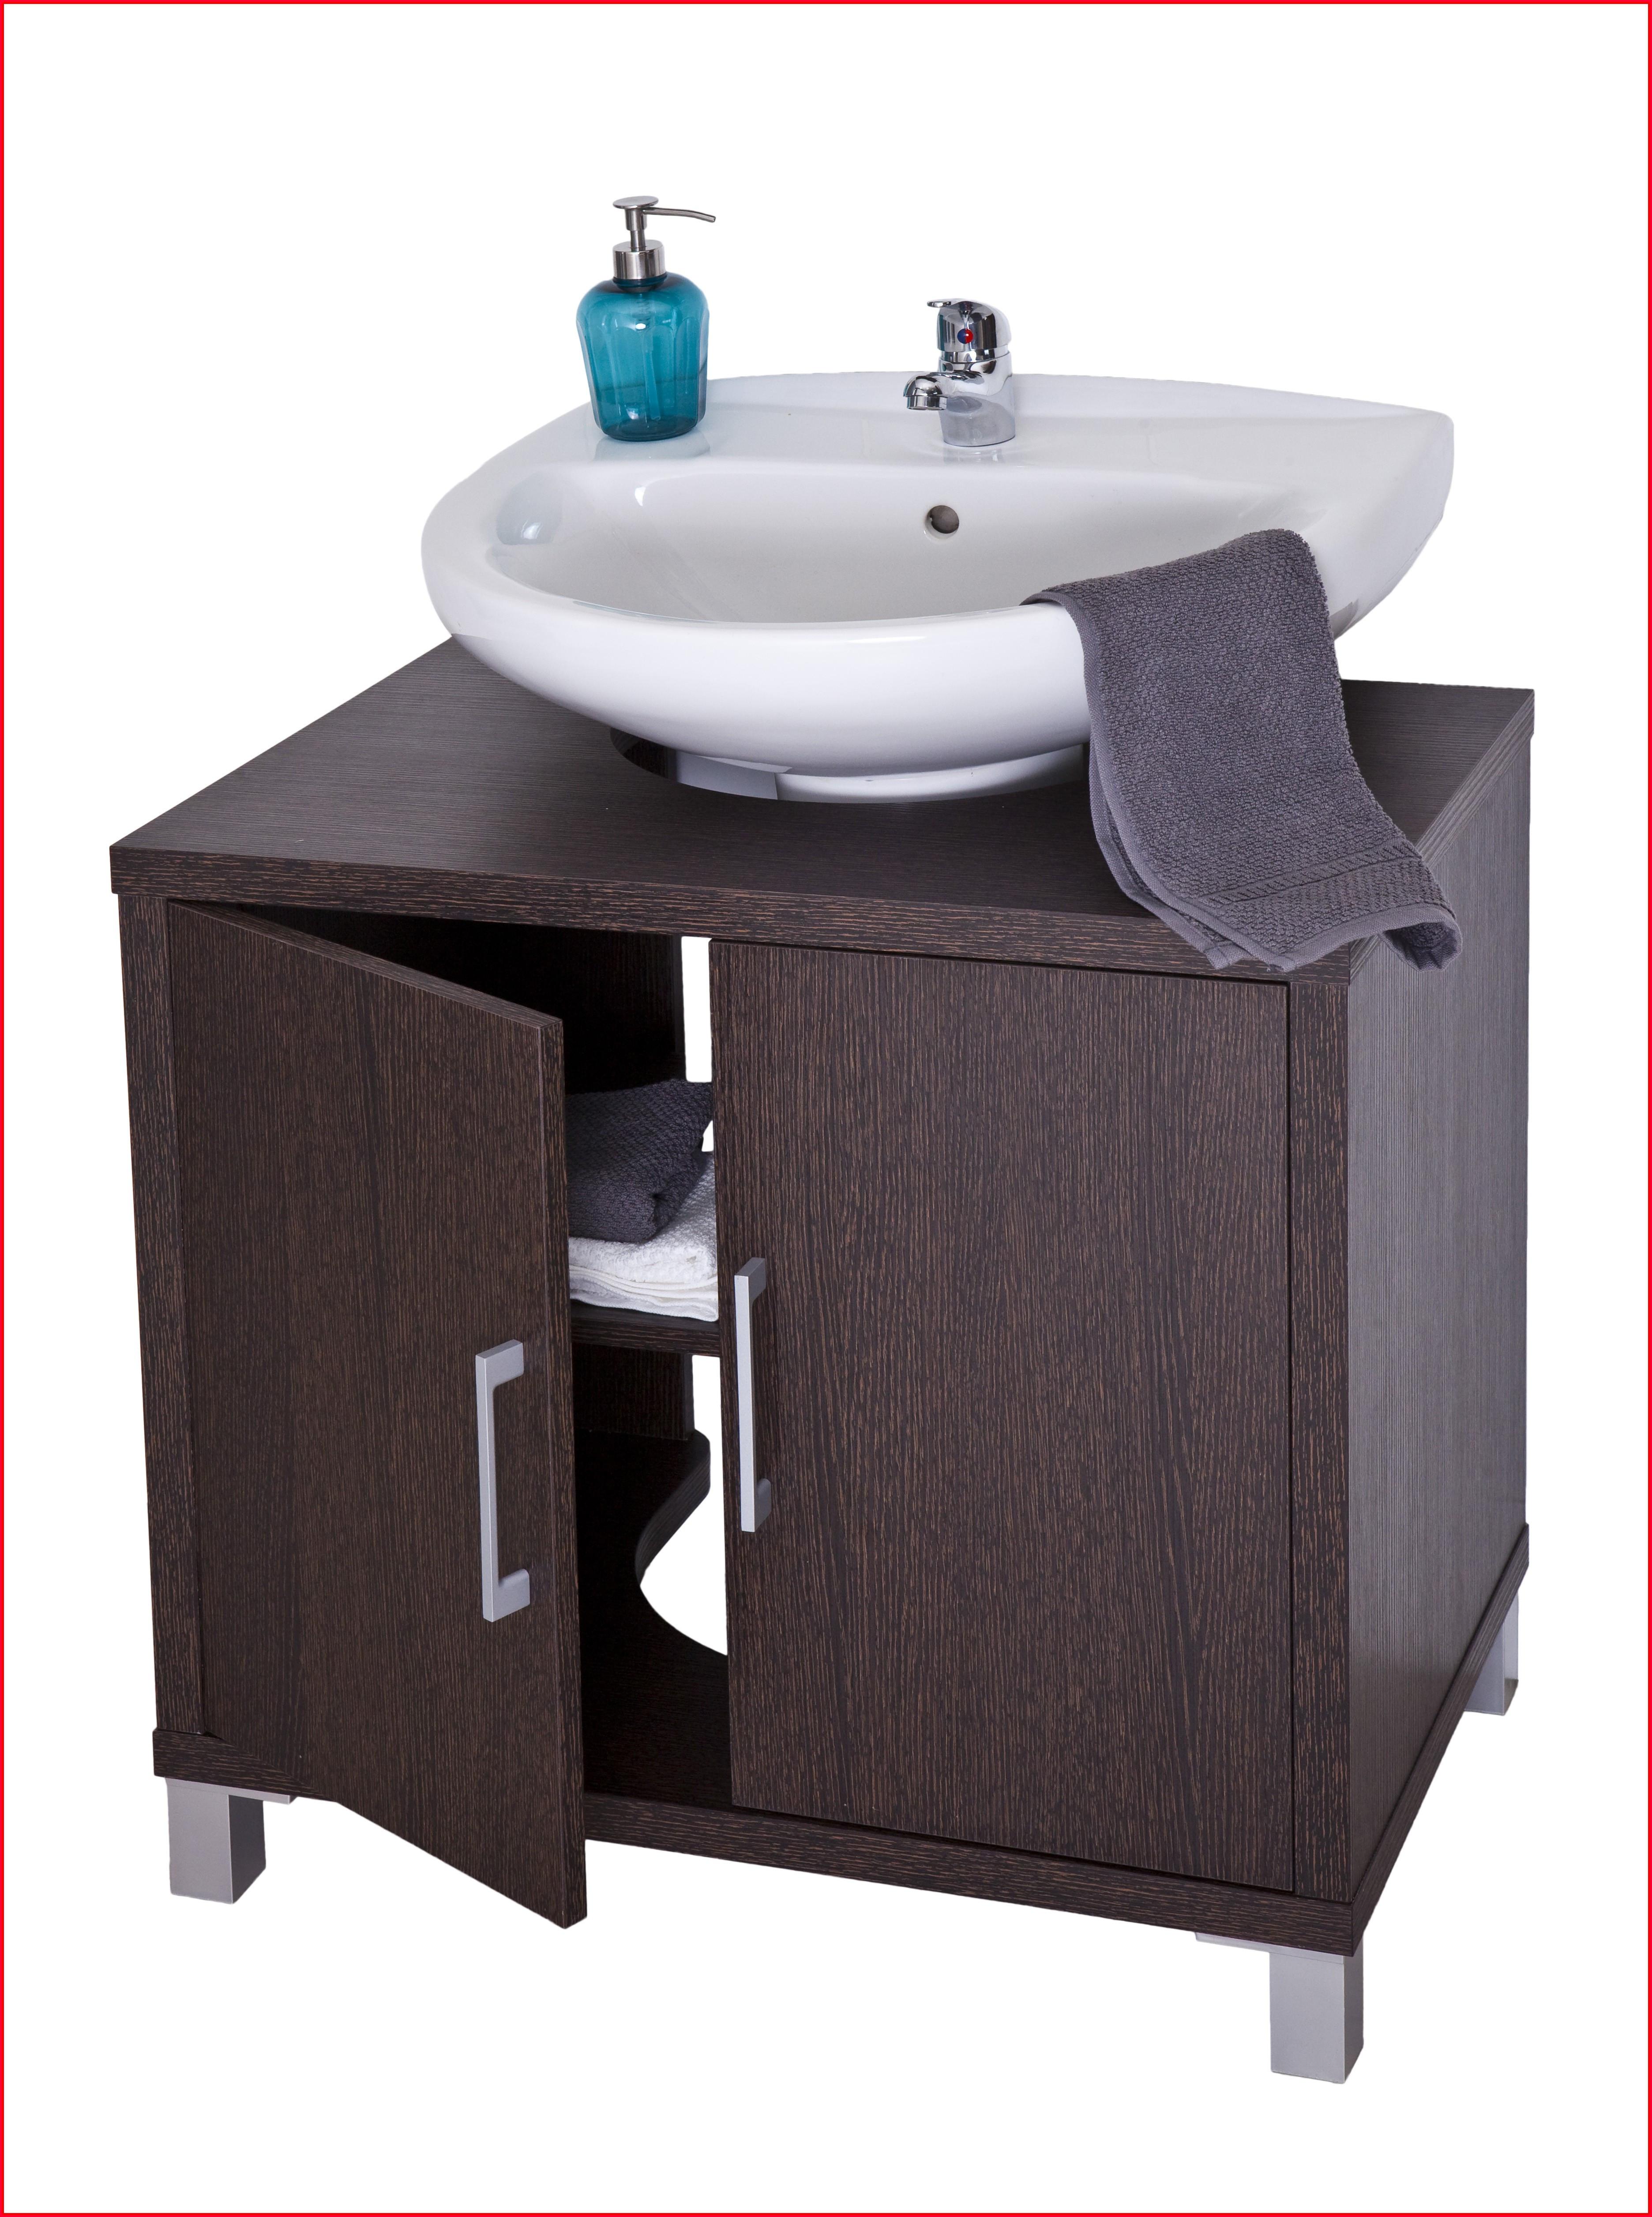 Mueble Baño Bajo Lavabo 3id6 Mueble Bajo Baà O Muebles De BaO Muebles Para Ba O Con Mueble